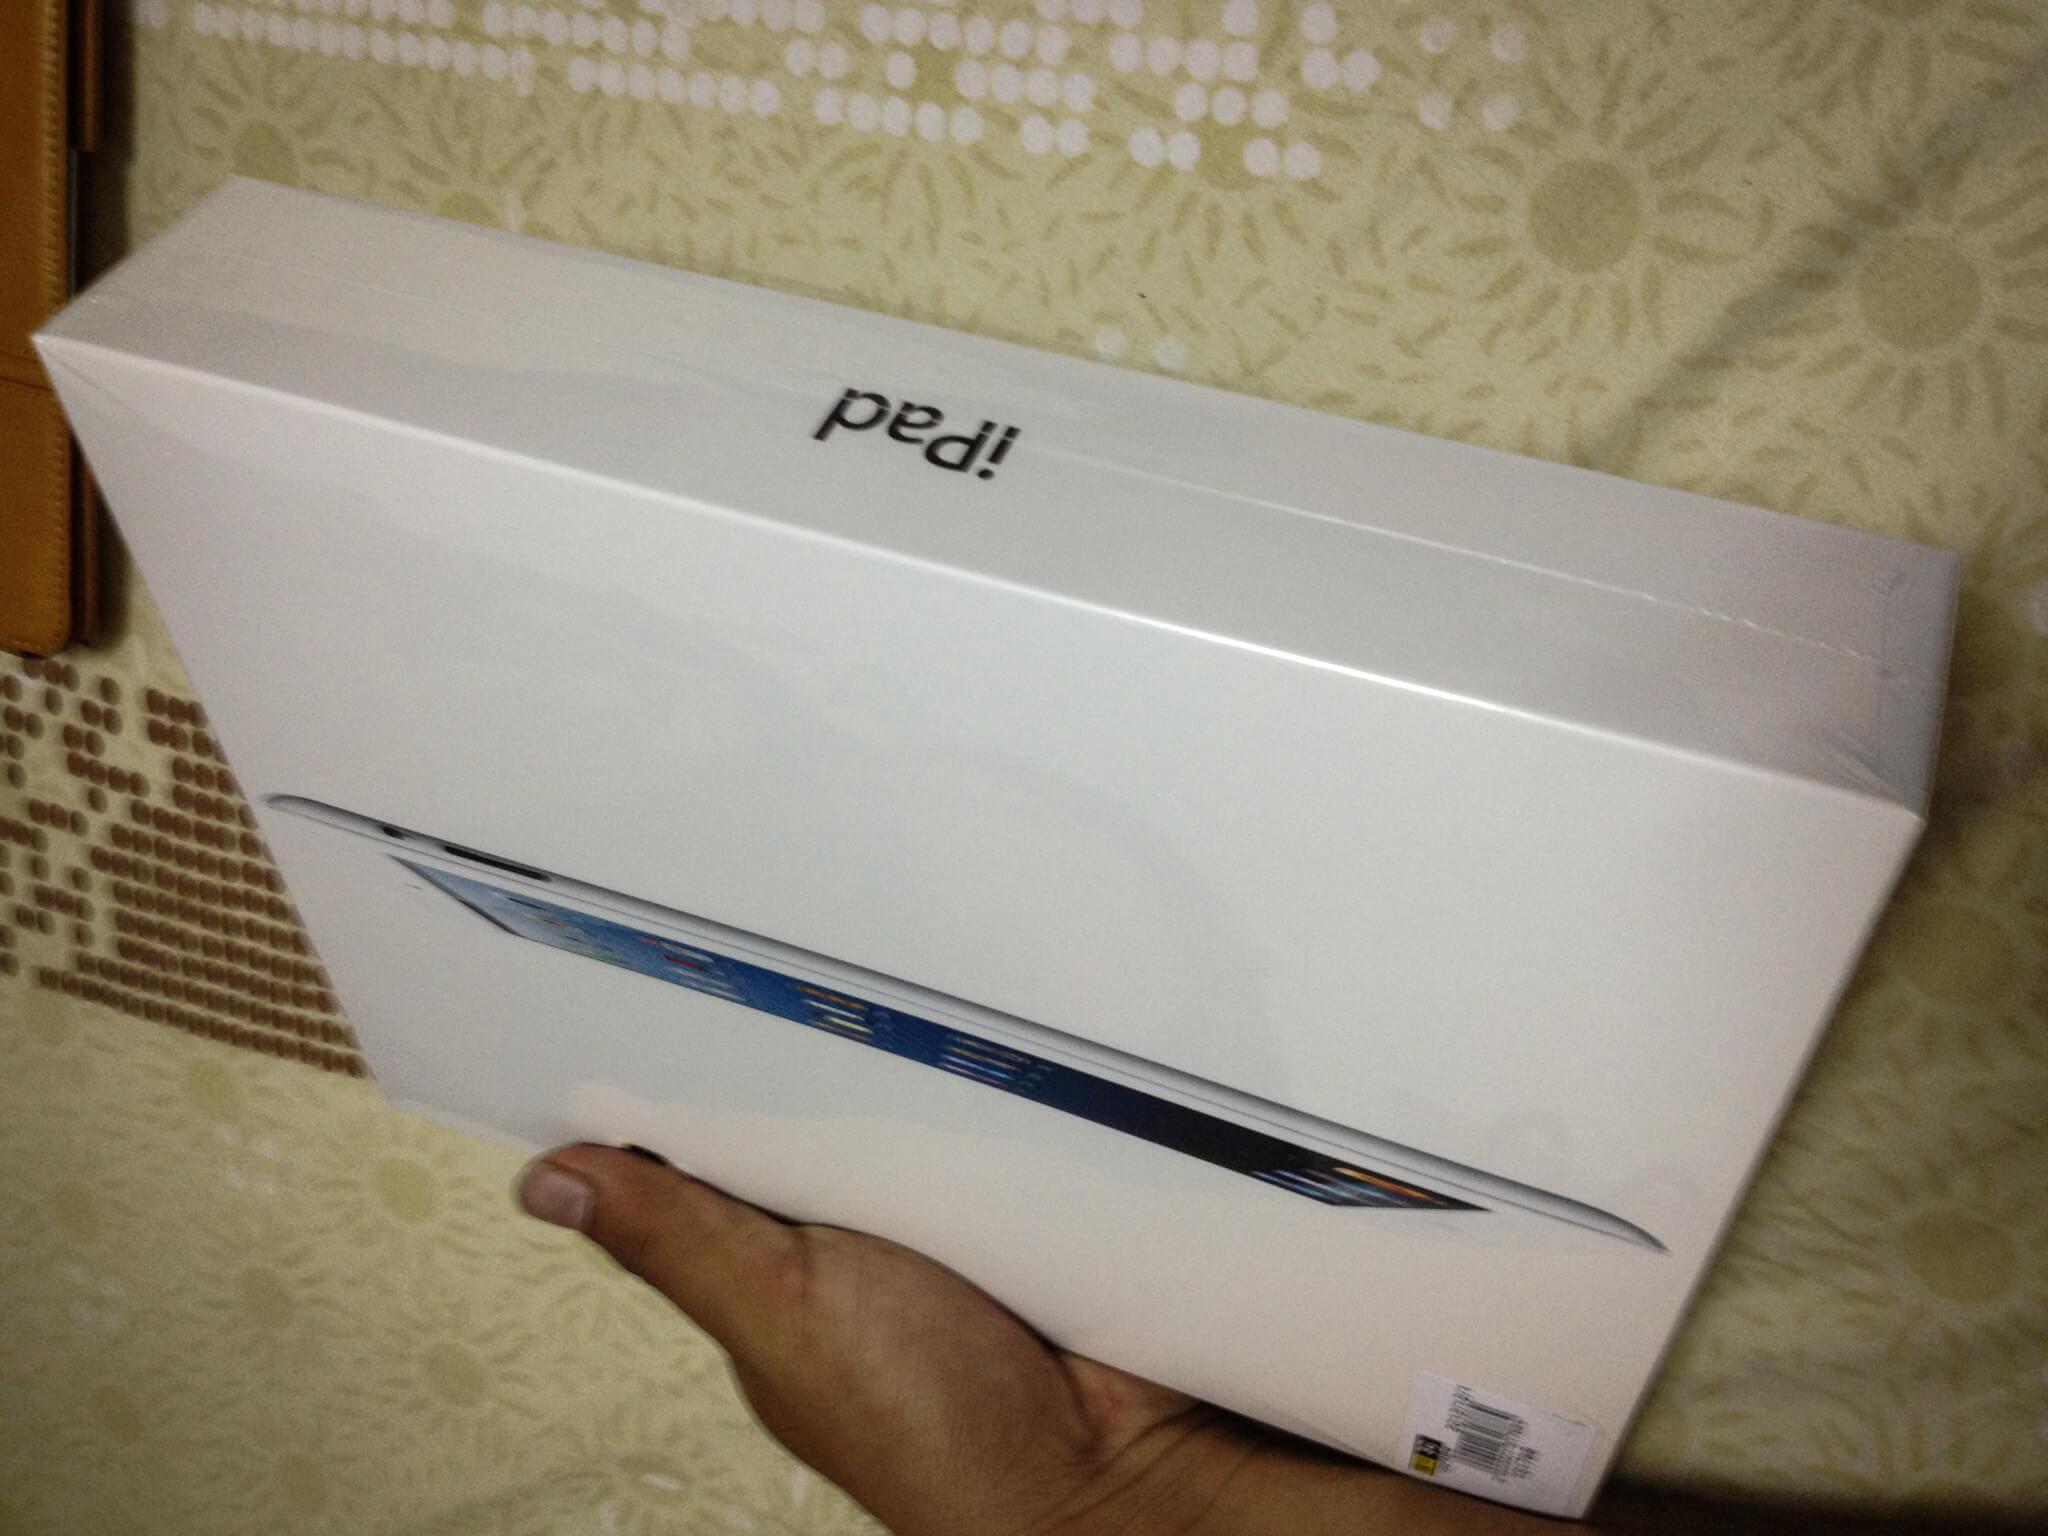 準備開箱的 iPad